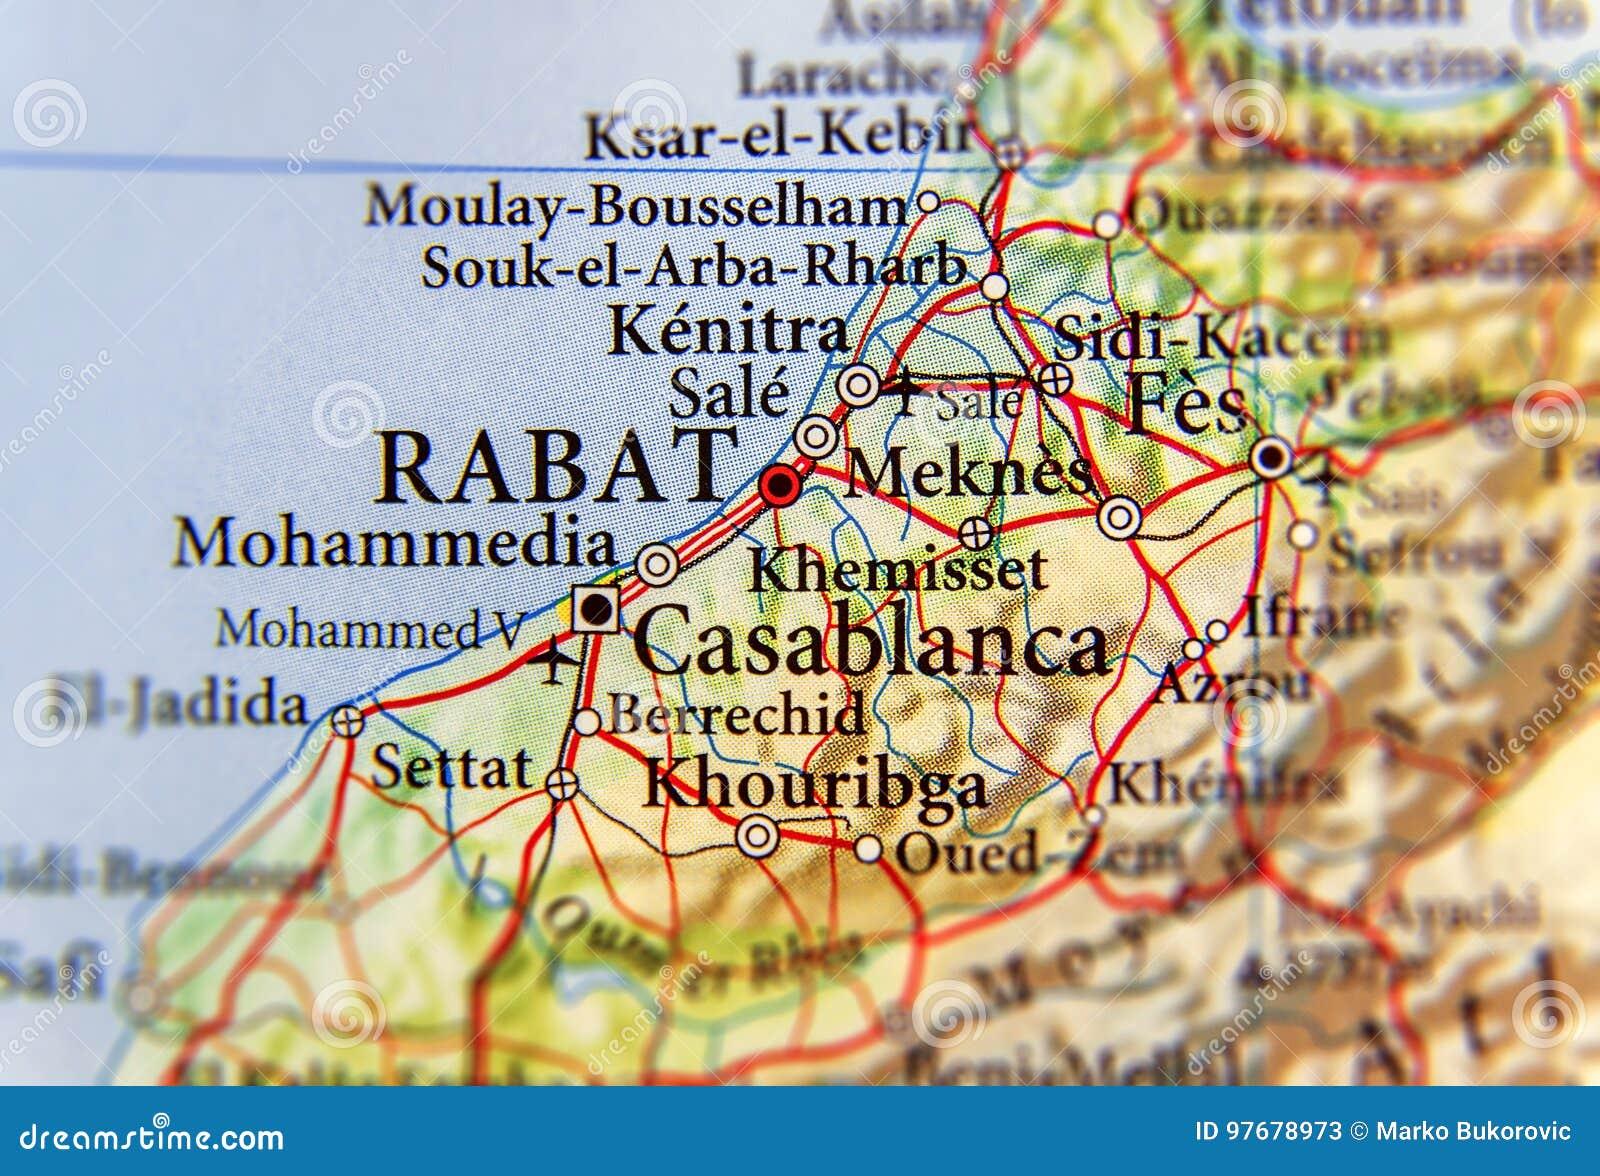 Cartina Stradale Marocco Gratis.Mappa Geografica Del Marocco Con La Capitale Rabat Immagine Stock Immagine Di Turismo Morocco 97678973